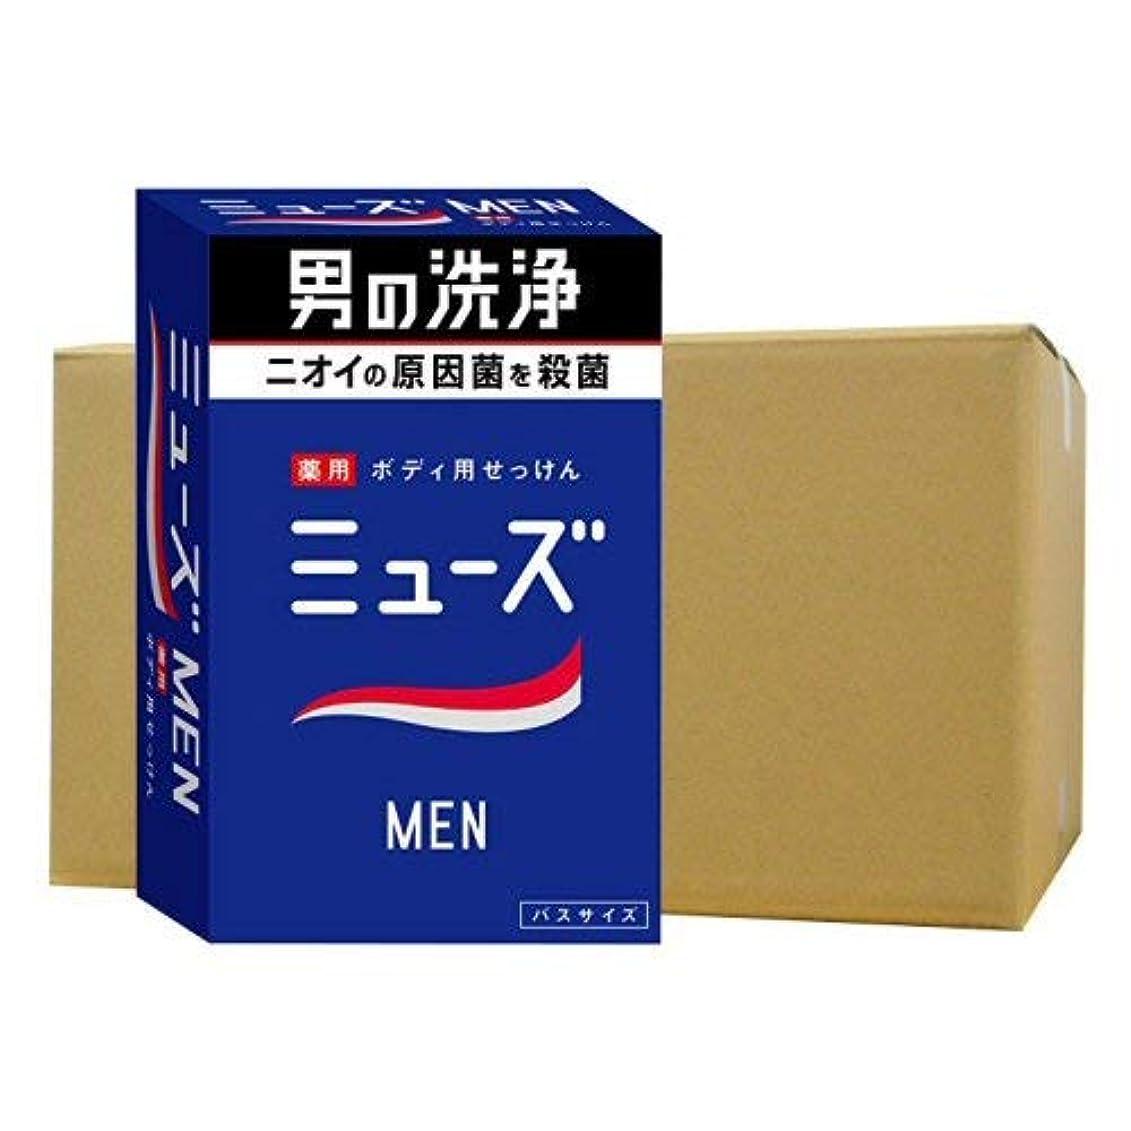 ミューズメン薬用石鹸 135g×24個セット